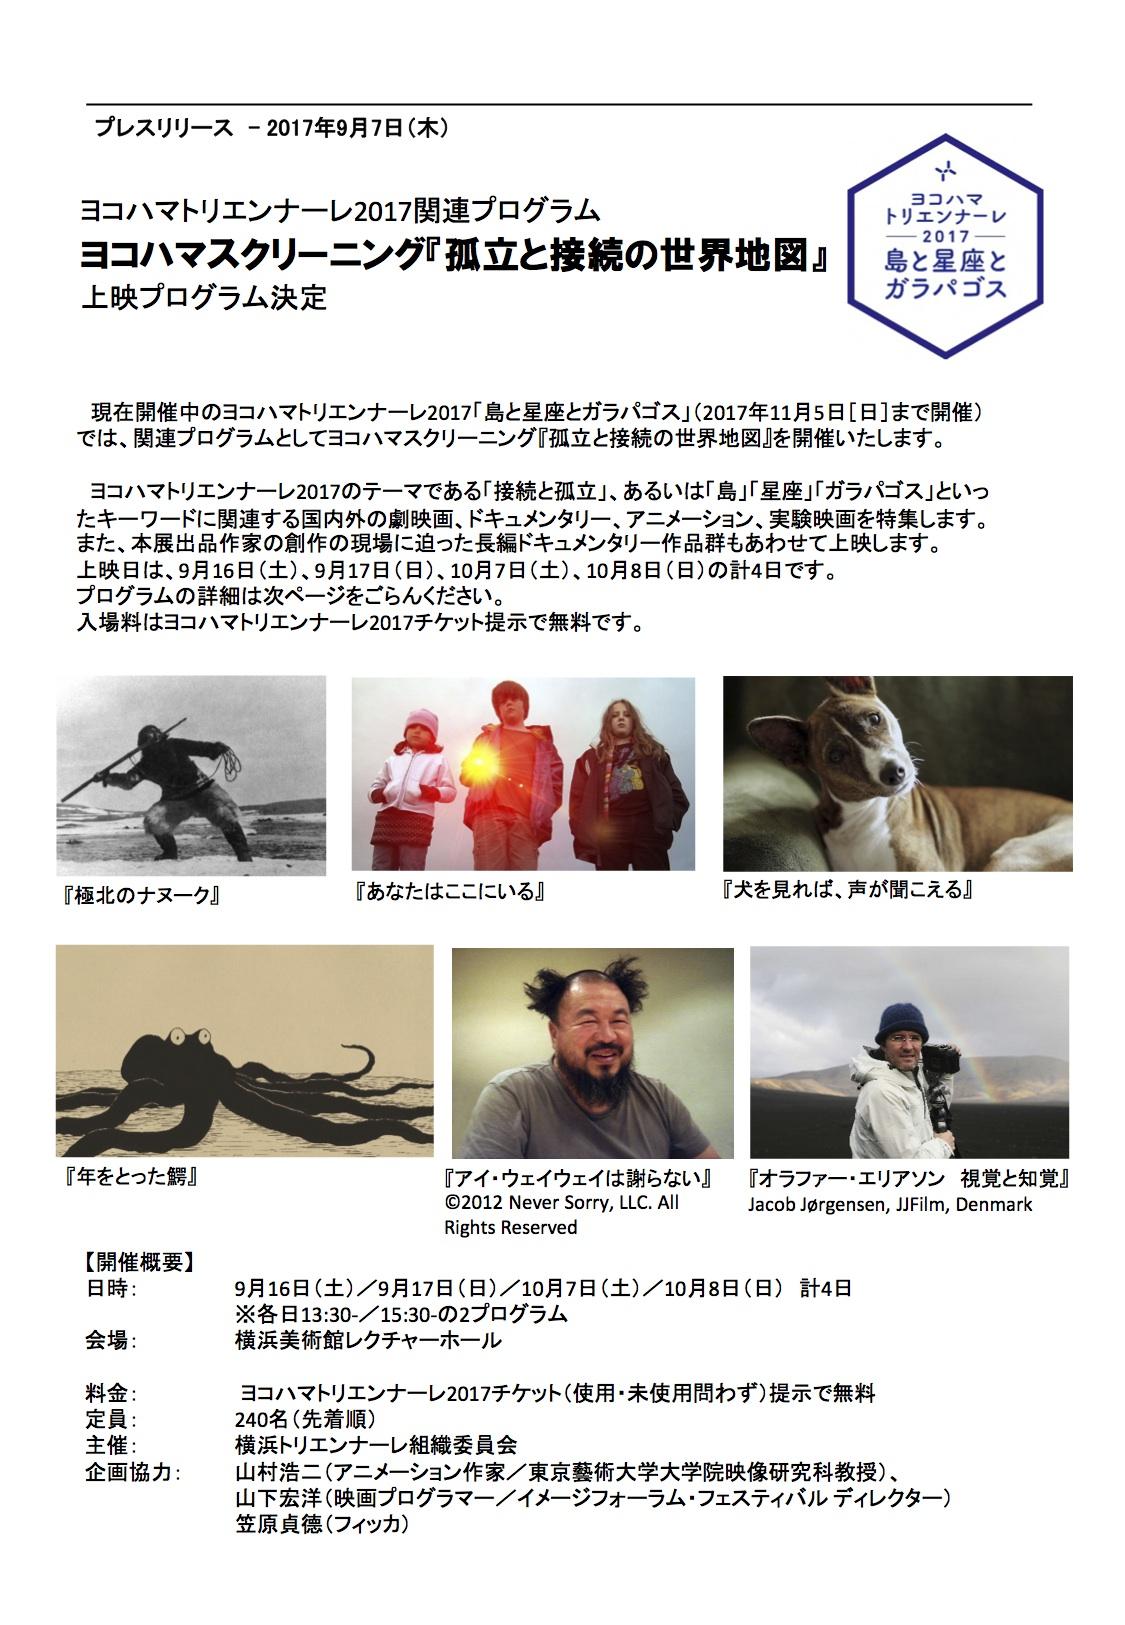 ヨコハマトリエンナーレ2017関連プログラム ヨコハマスクリーニング『孤立と接続の世界地図』上映プログラム